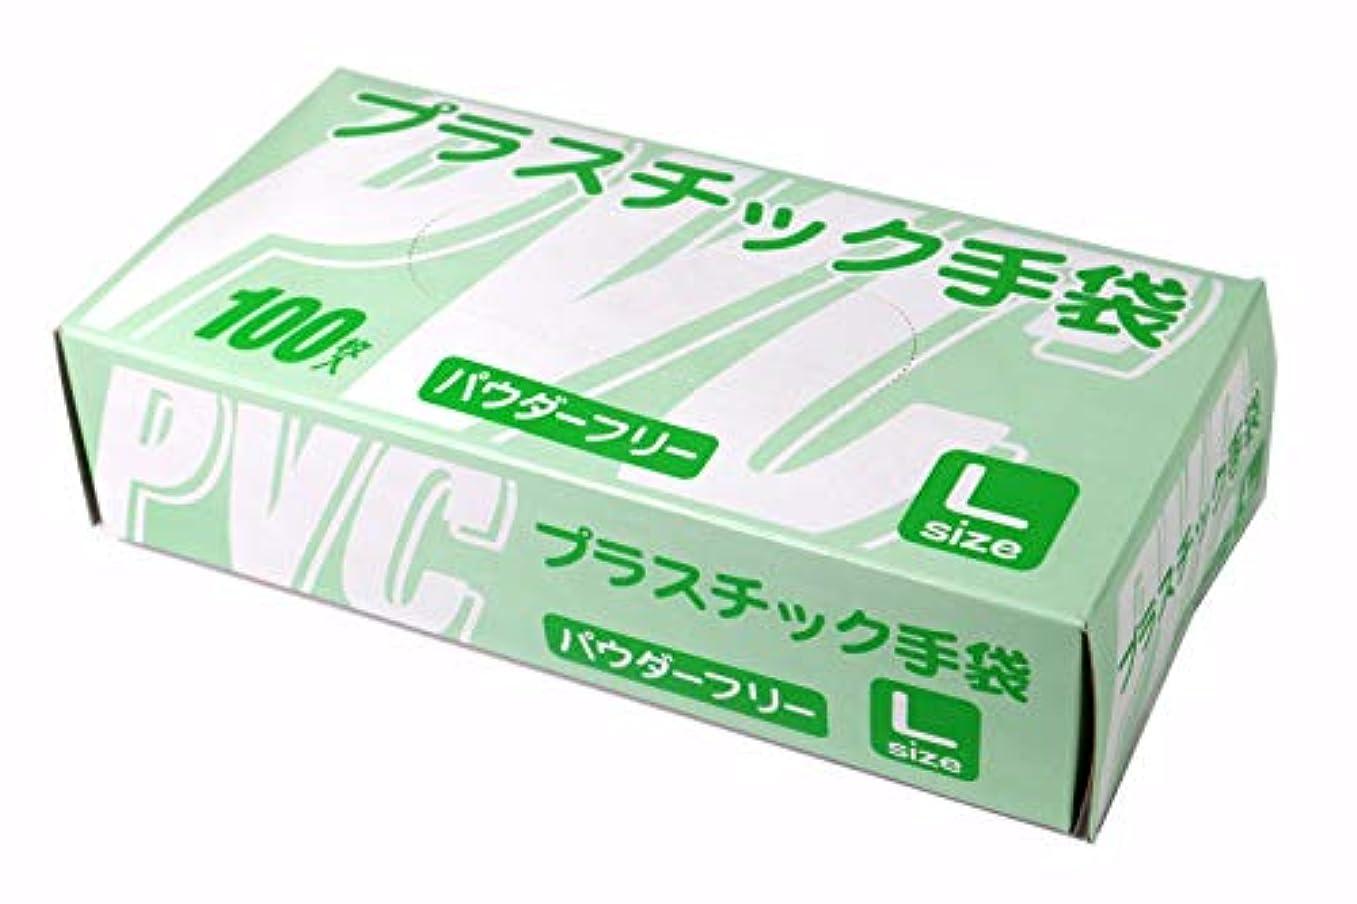 音声鉄道駅交差点使い捨て手袋 プラスチックグローブ 粉なし(パウダーフリー) Lサイズ 100枚入 超薄手 食品加工可 100431